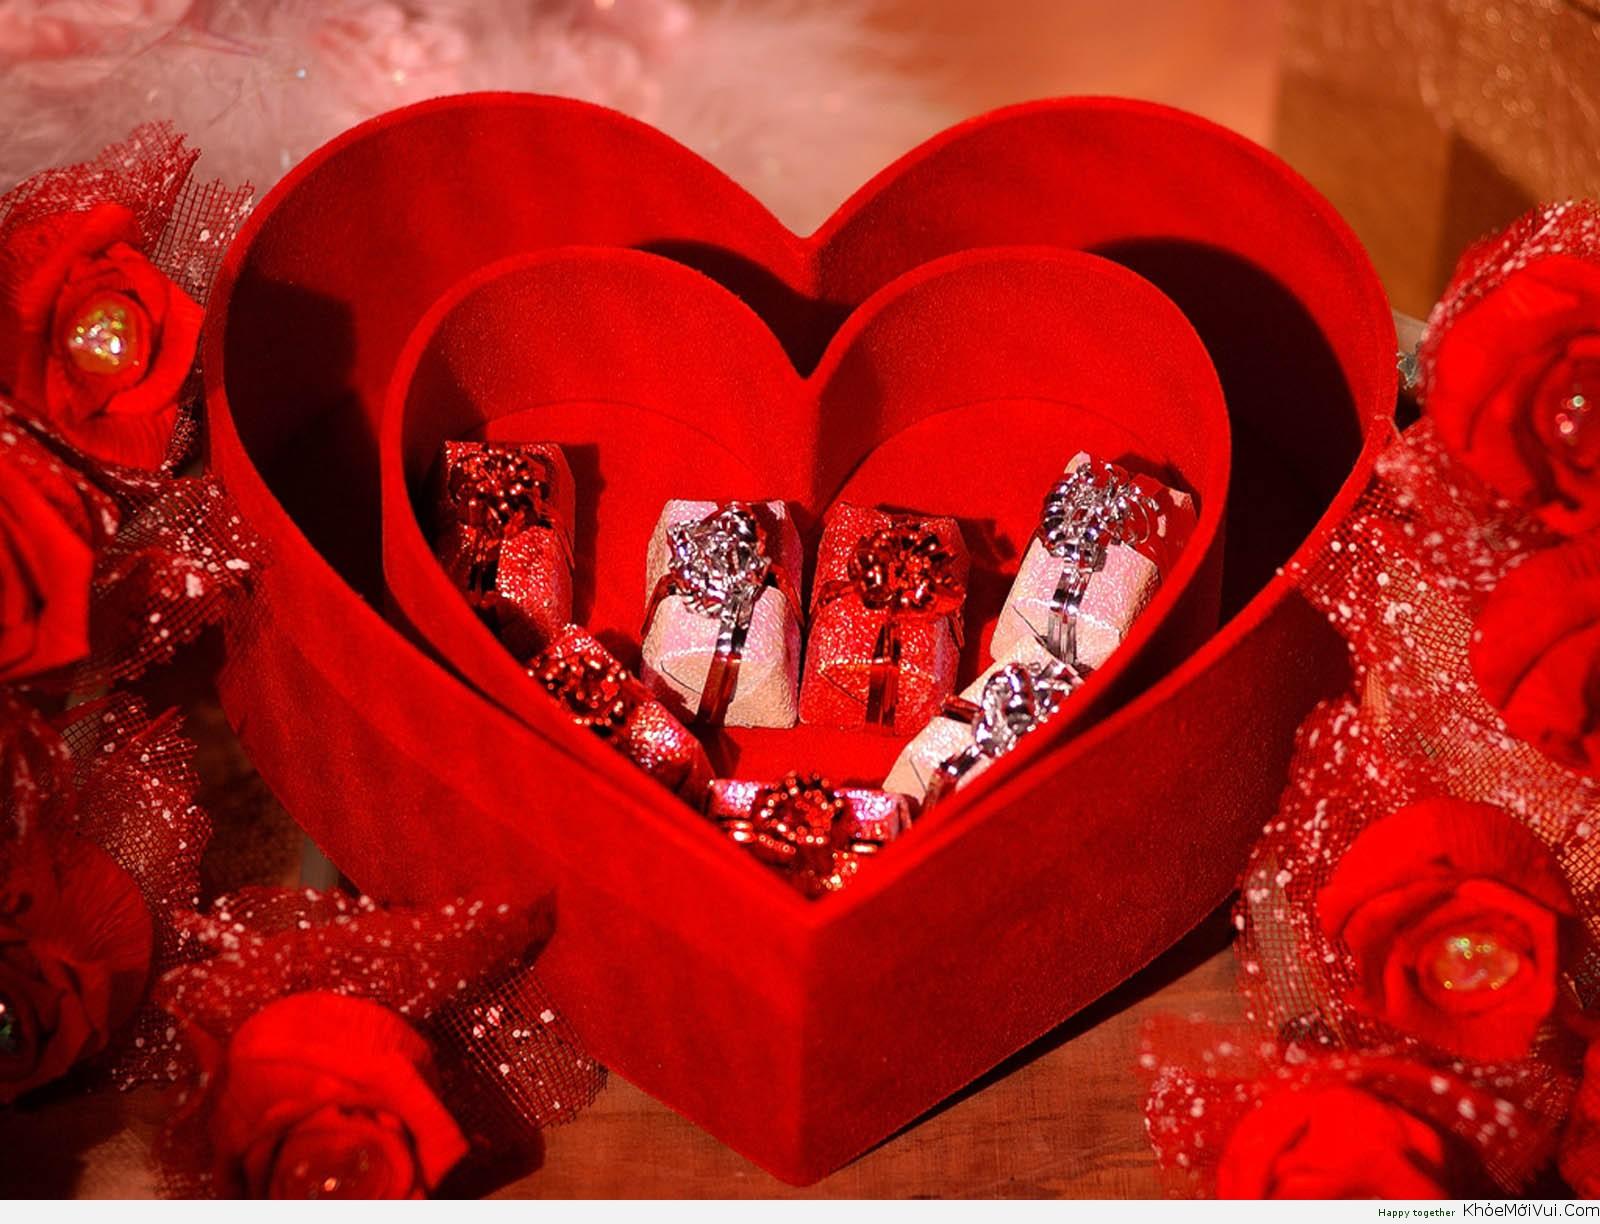 Những hình ảnh Valentine đẹp và ý nghĩa nhất - Ảnh 7